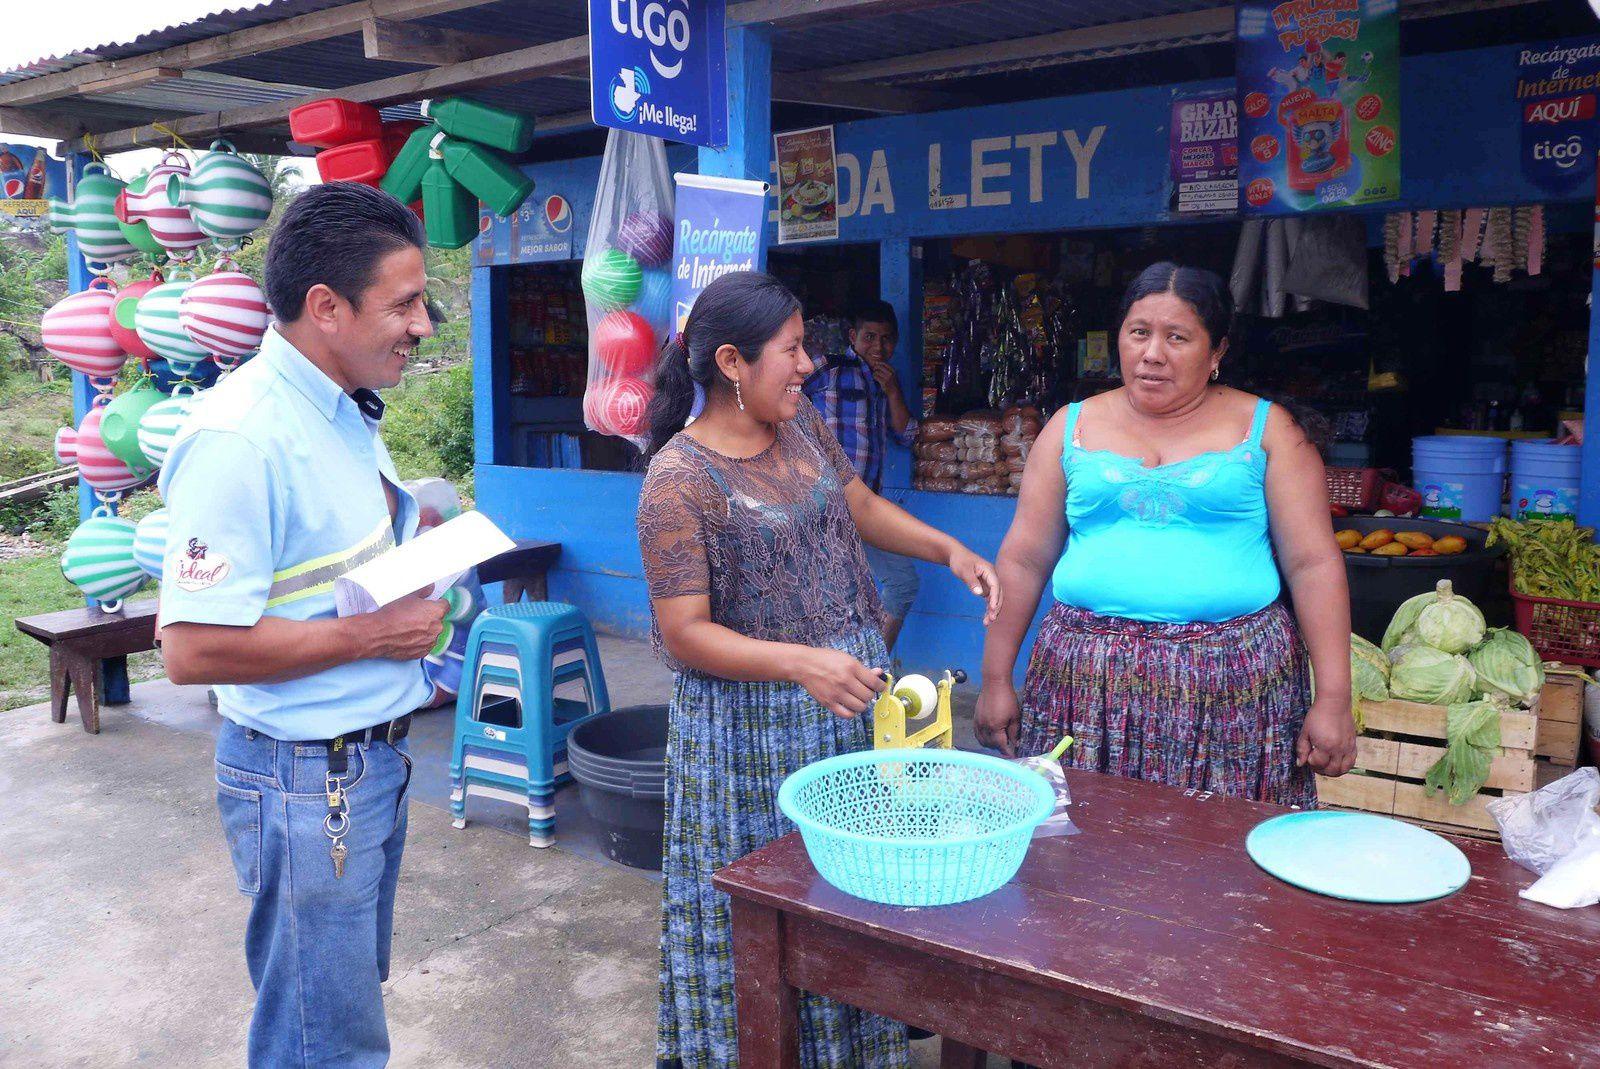 Partis peu après 7 heures c'est la pause casse-croute. Nous sommes en plein pays maya, Lety, la patronne, parait être un sacré personnage.